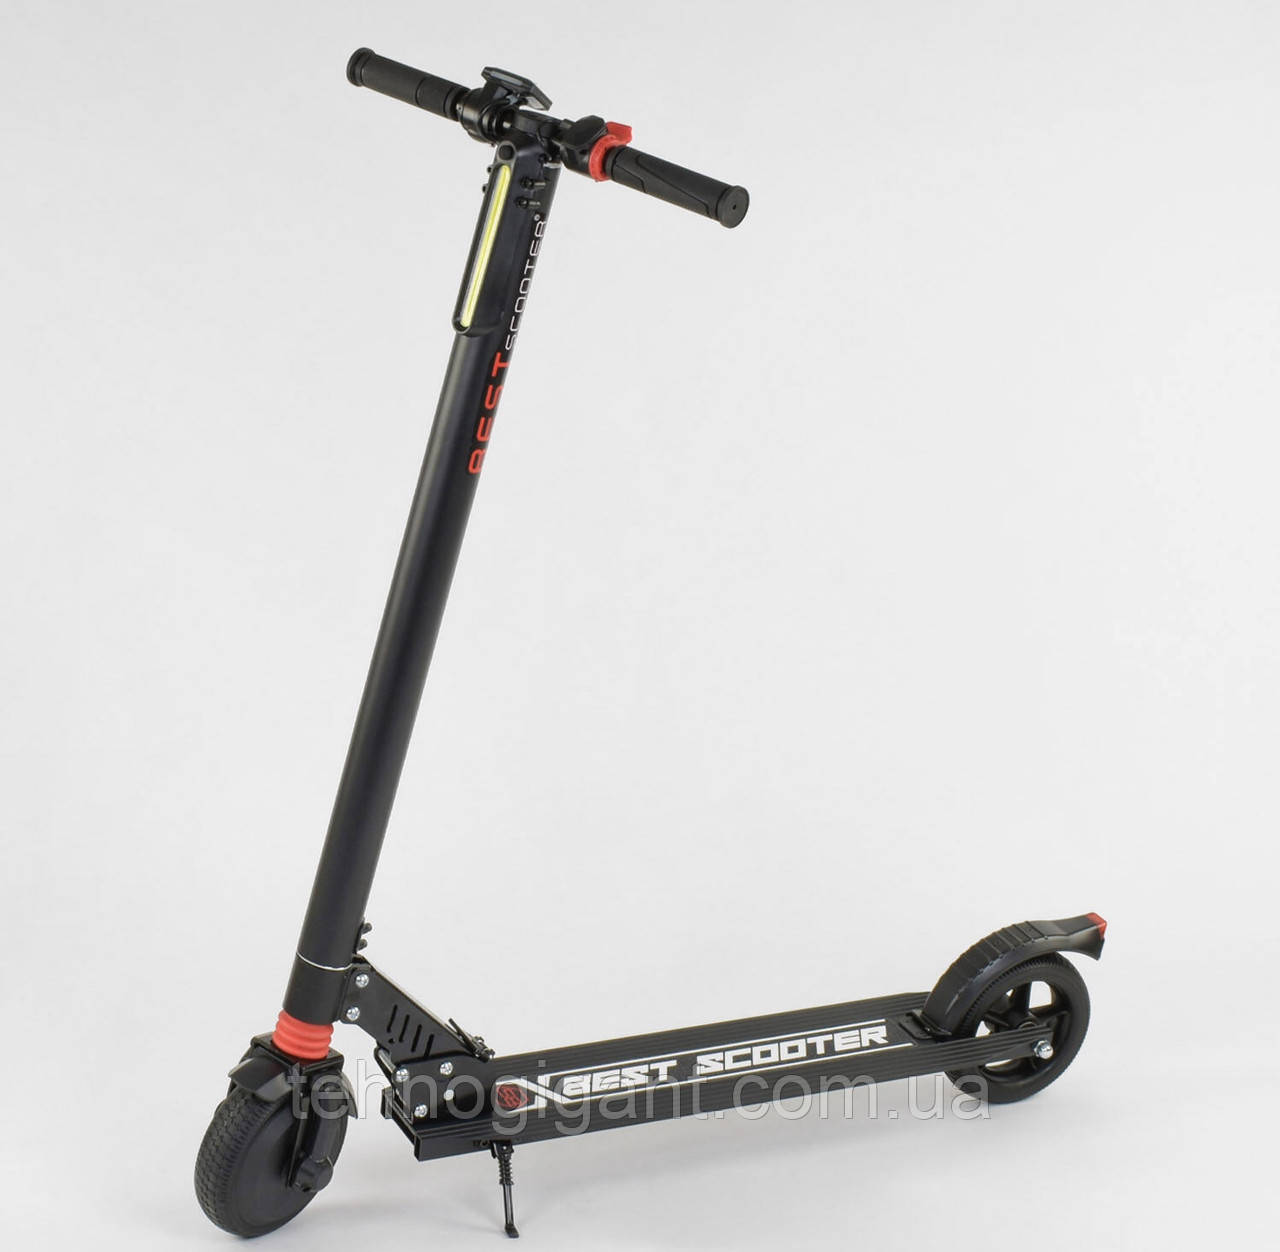 ЭЛЕКТРОСАМОКАТ Best Scooter 83325 Черный, 250W, макс. скорость 20 км/ч, пробег 15-20 км, версия с экраном